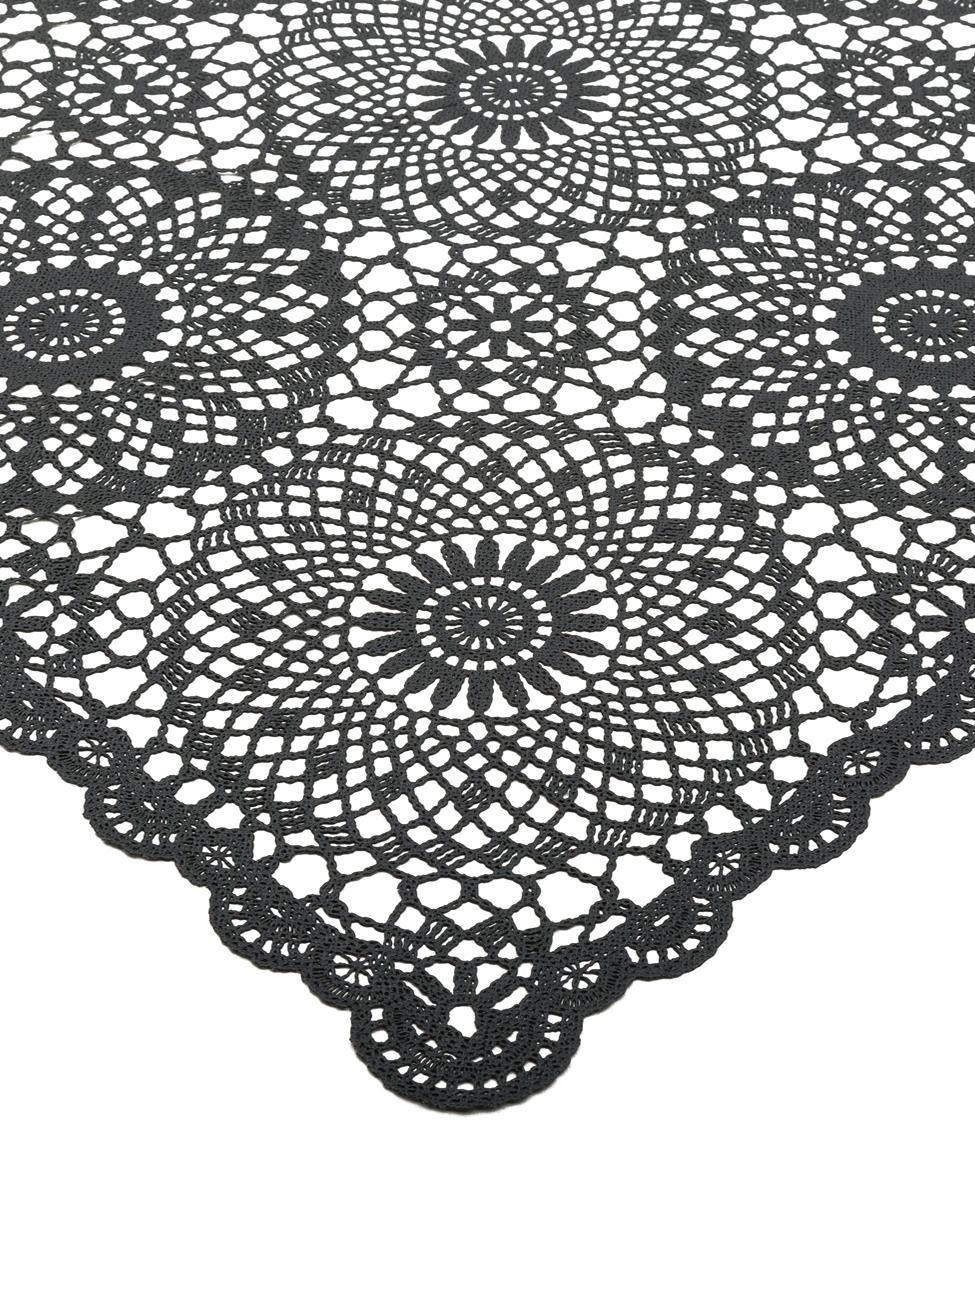 Tischdecke Crochet in Häkeloptik aus Kunststoff, Kunststoff (PVC), Schwarz, Für 4 - 6 Personen (B 137 x L 180 cm)